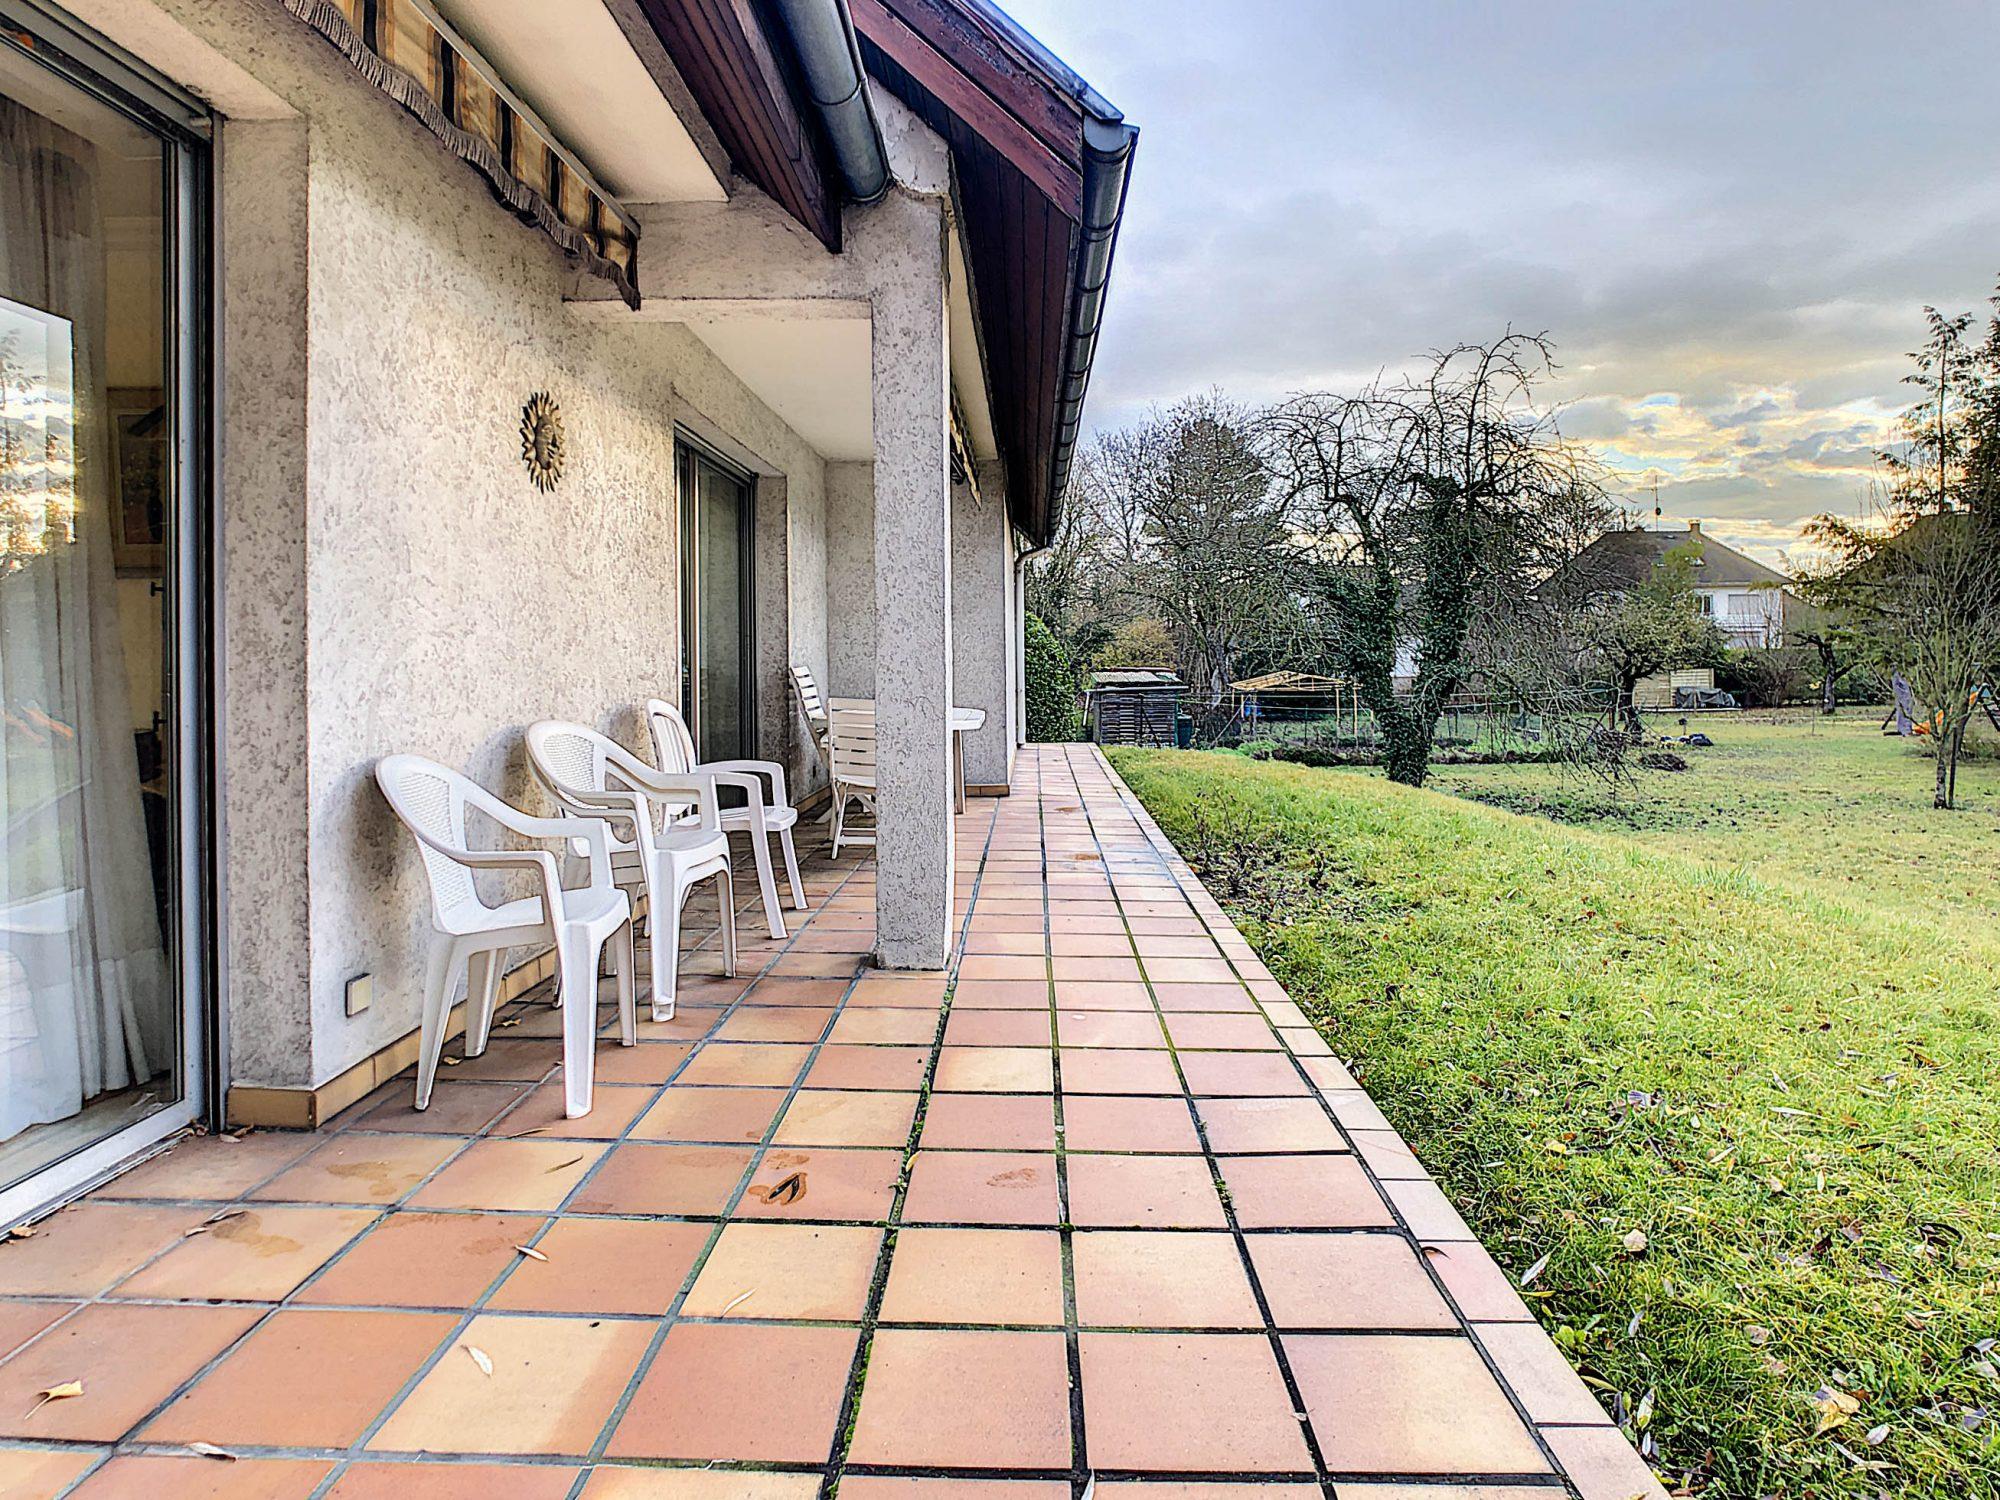 Maison individuelle 8 pièces de 250m2 à Illkirch-Graffenstaden - Devenez propriétaire en toute confiance - Bintz Immobilier - 3